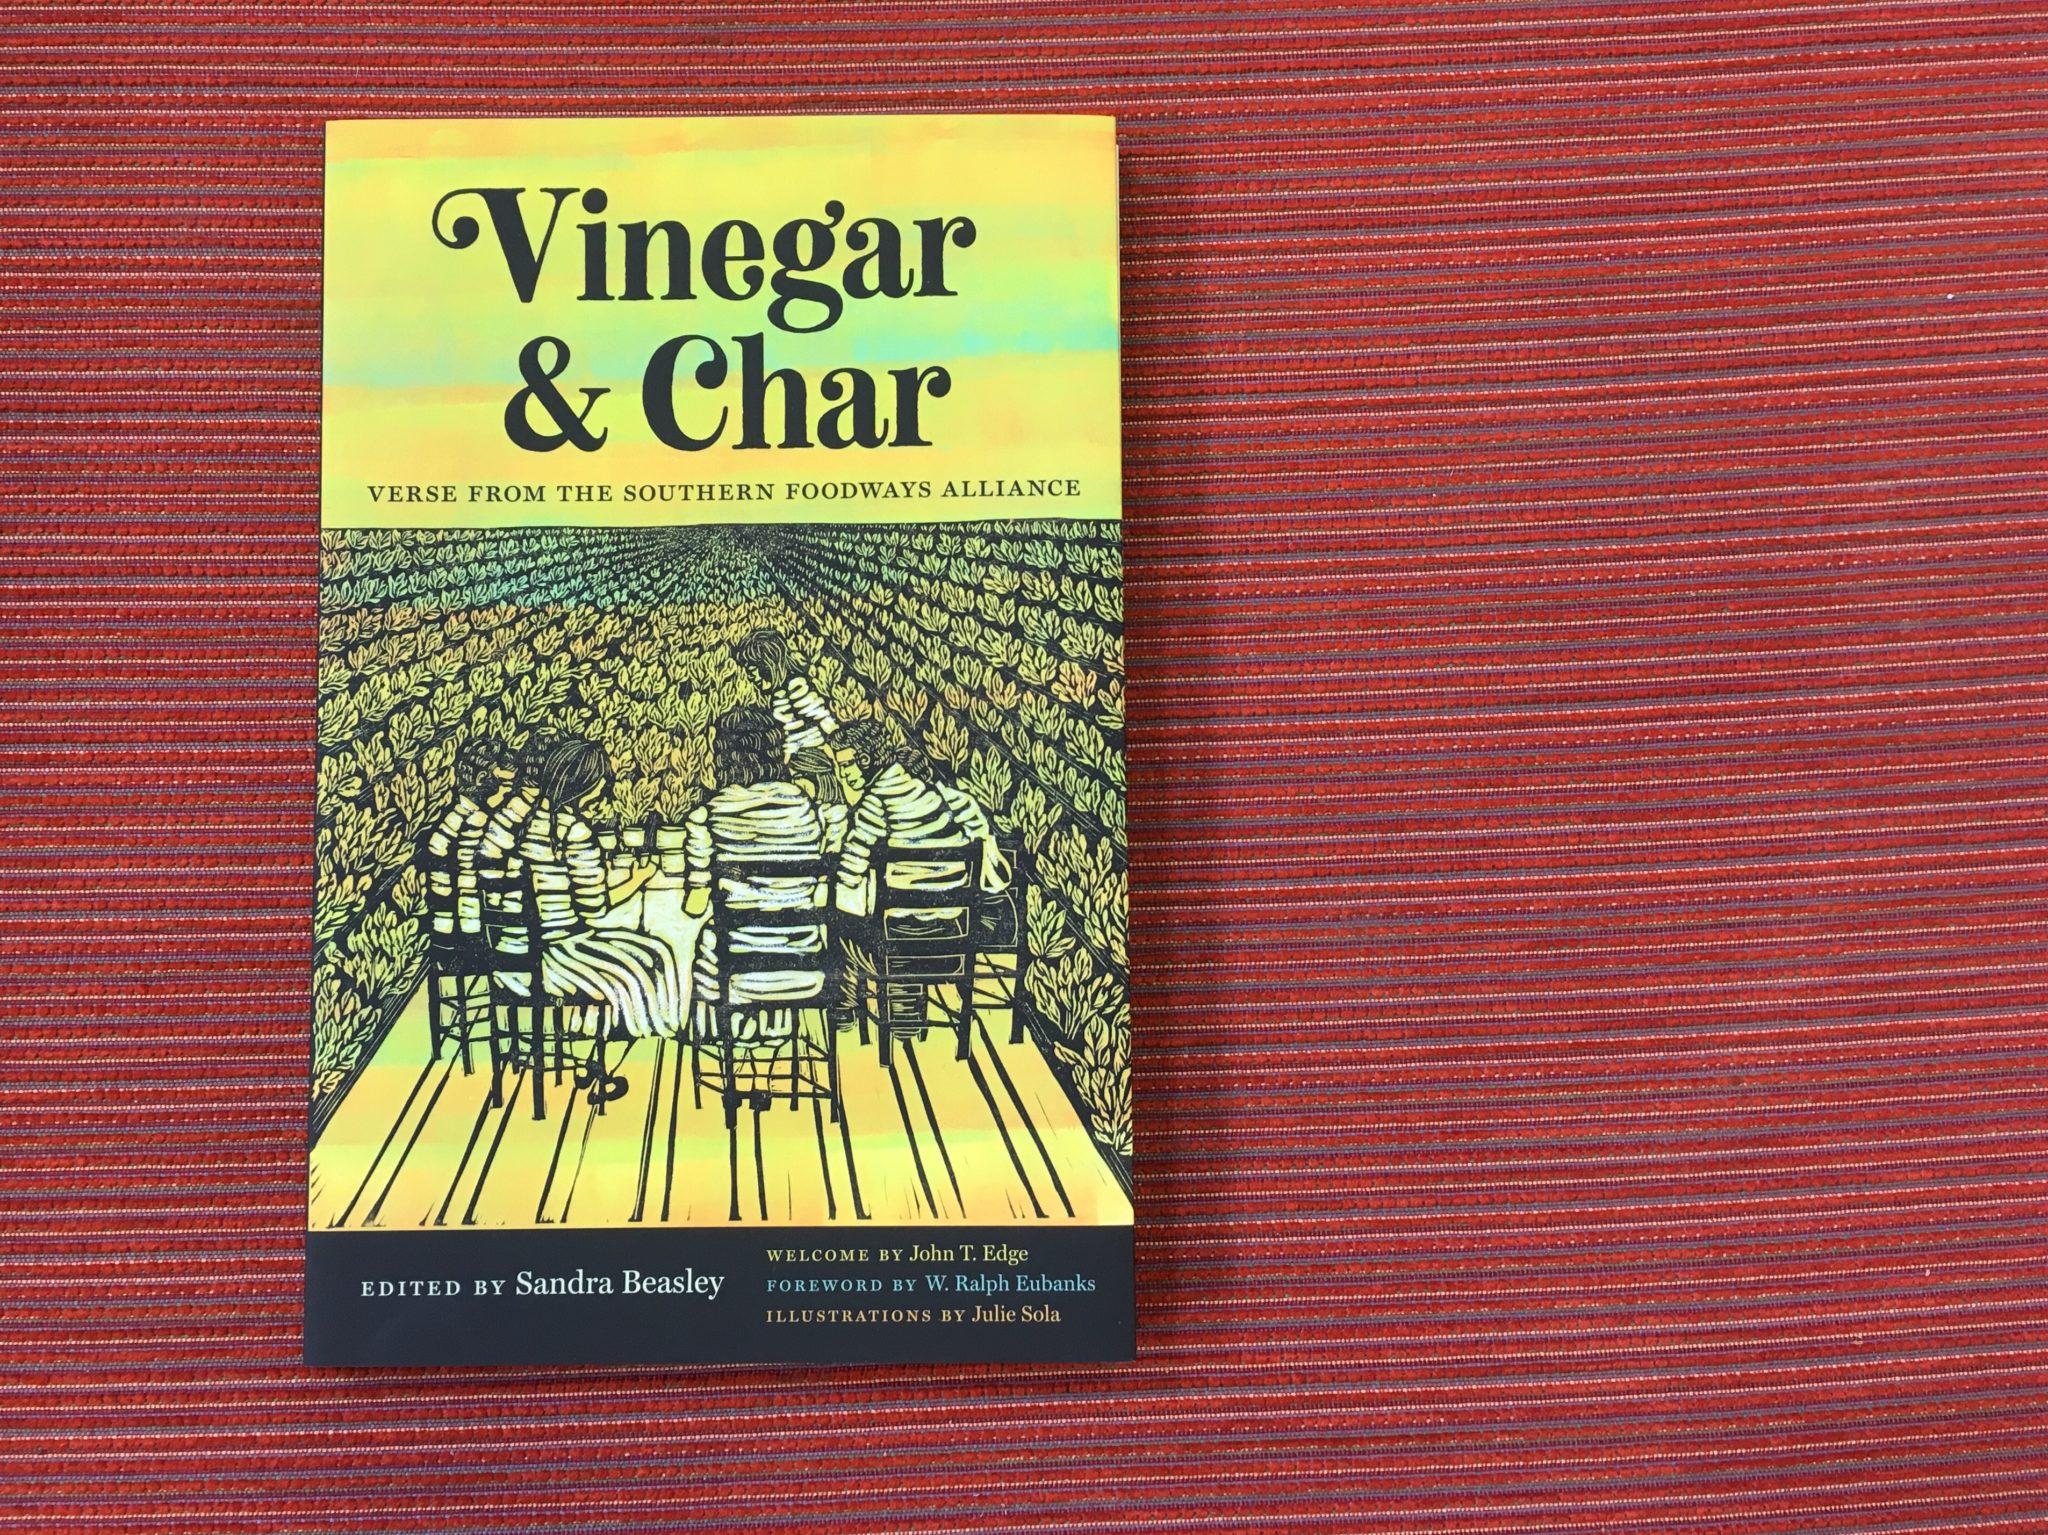 Vinegar & Char